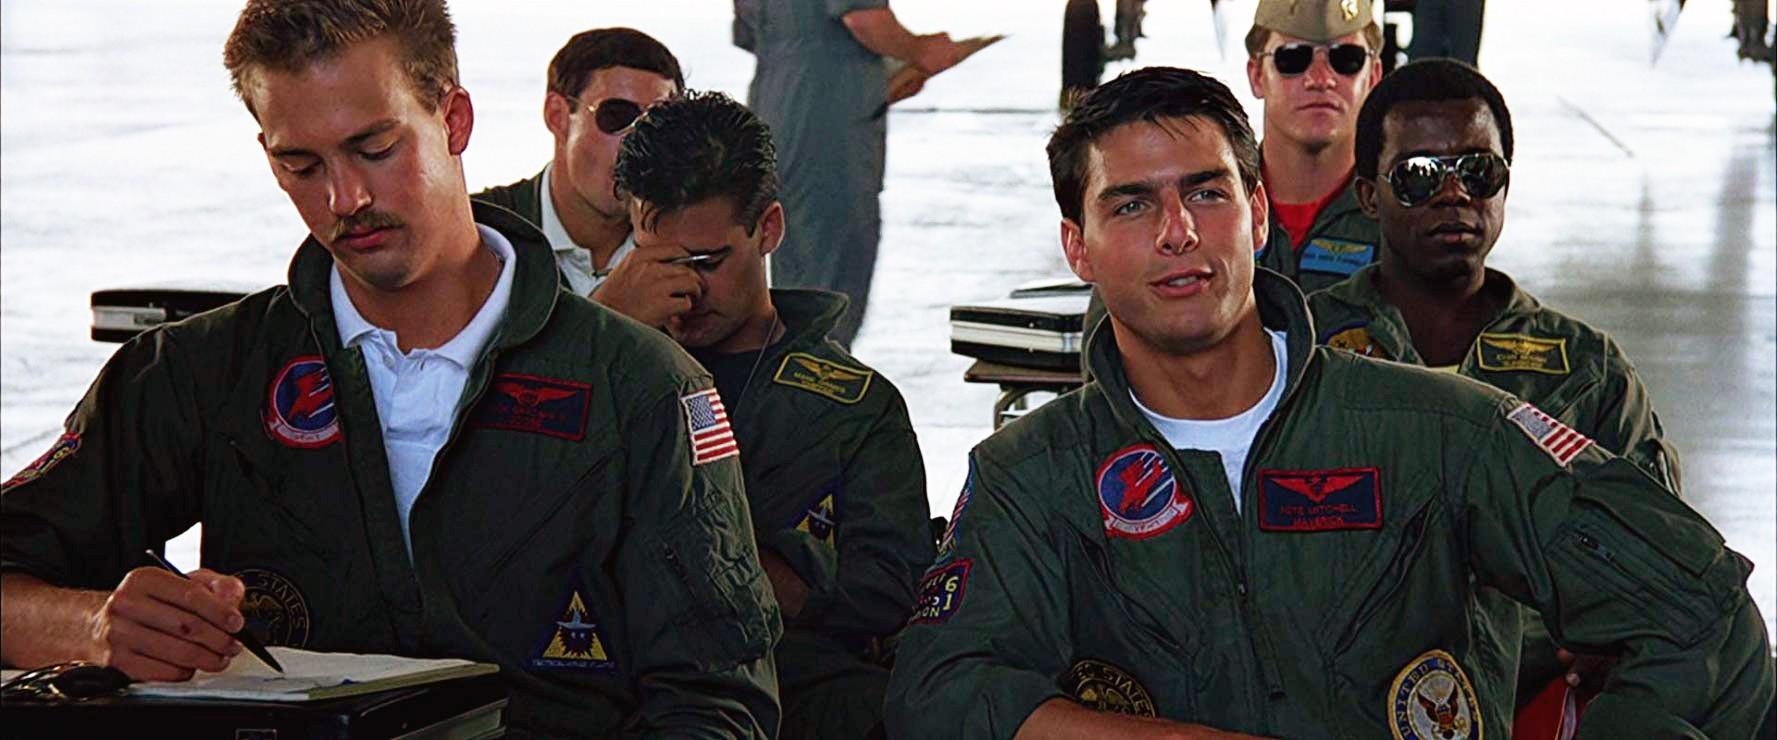 Tom Cruise e Anthony Edwards em Top Gun: Ases Indomáveis (1986) (Foto: Divulgação)